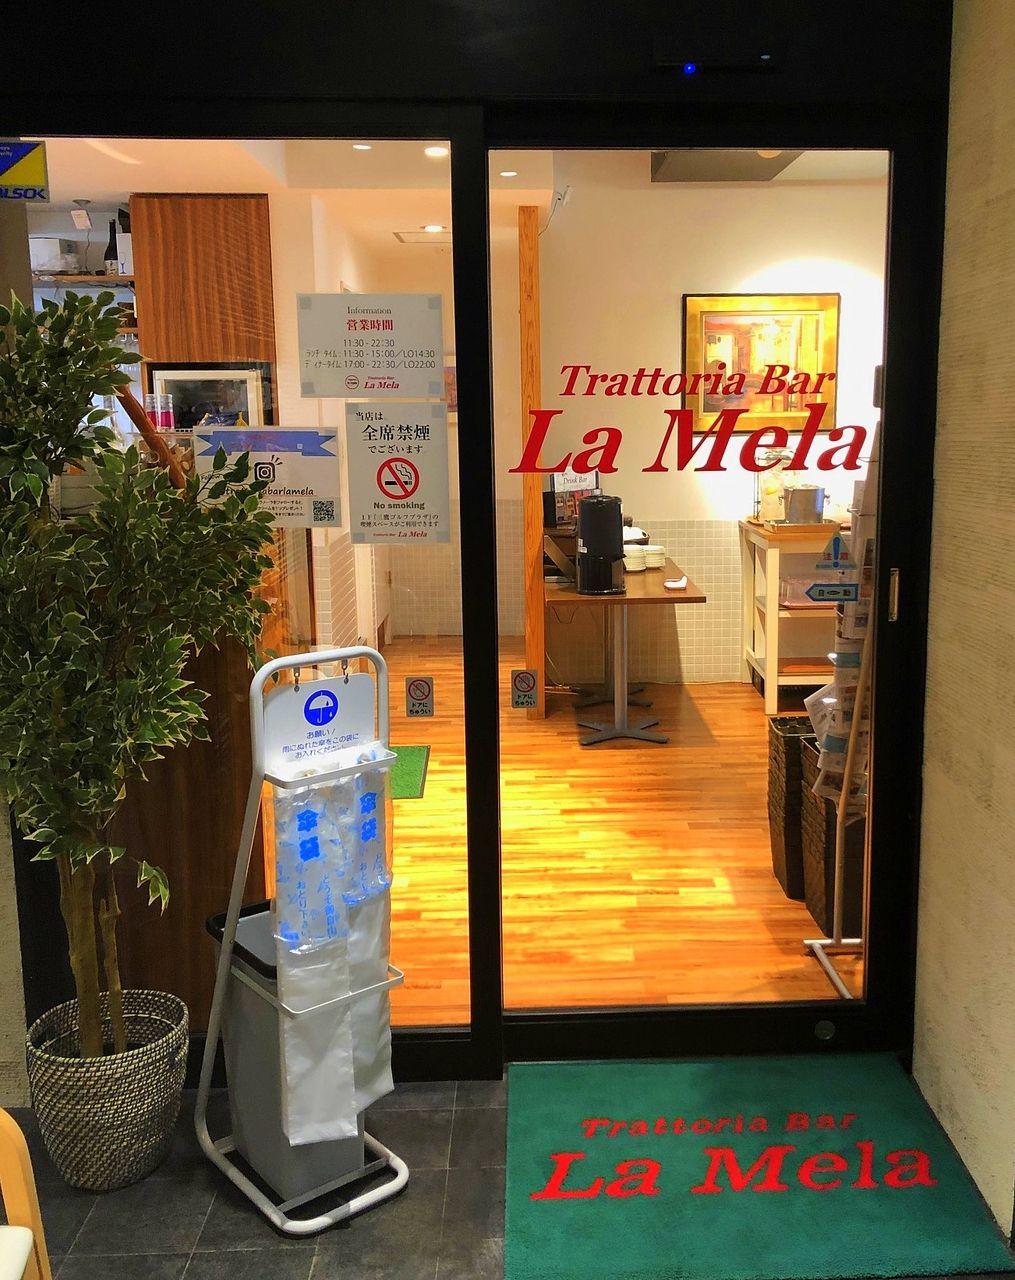 三鷹市La Melaイタリアレストラン